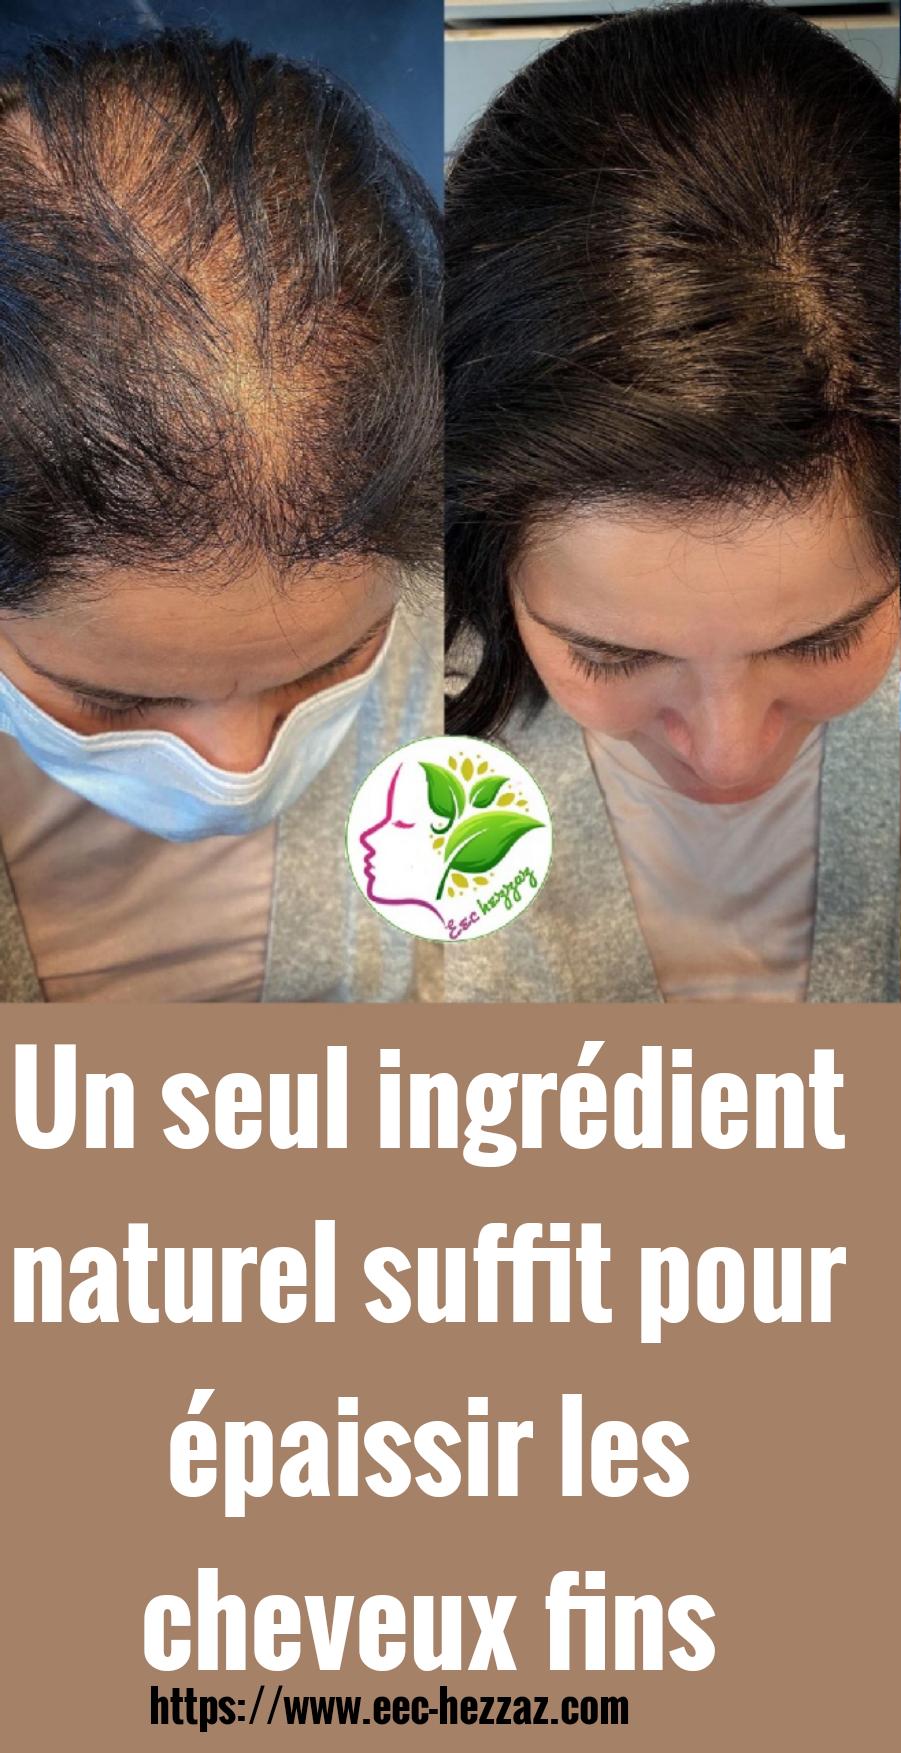 Un seul ingrédient naturel suffit pour épaissir les cheveux fins